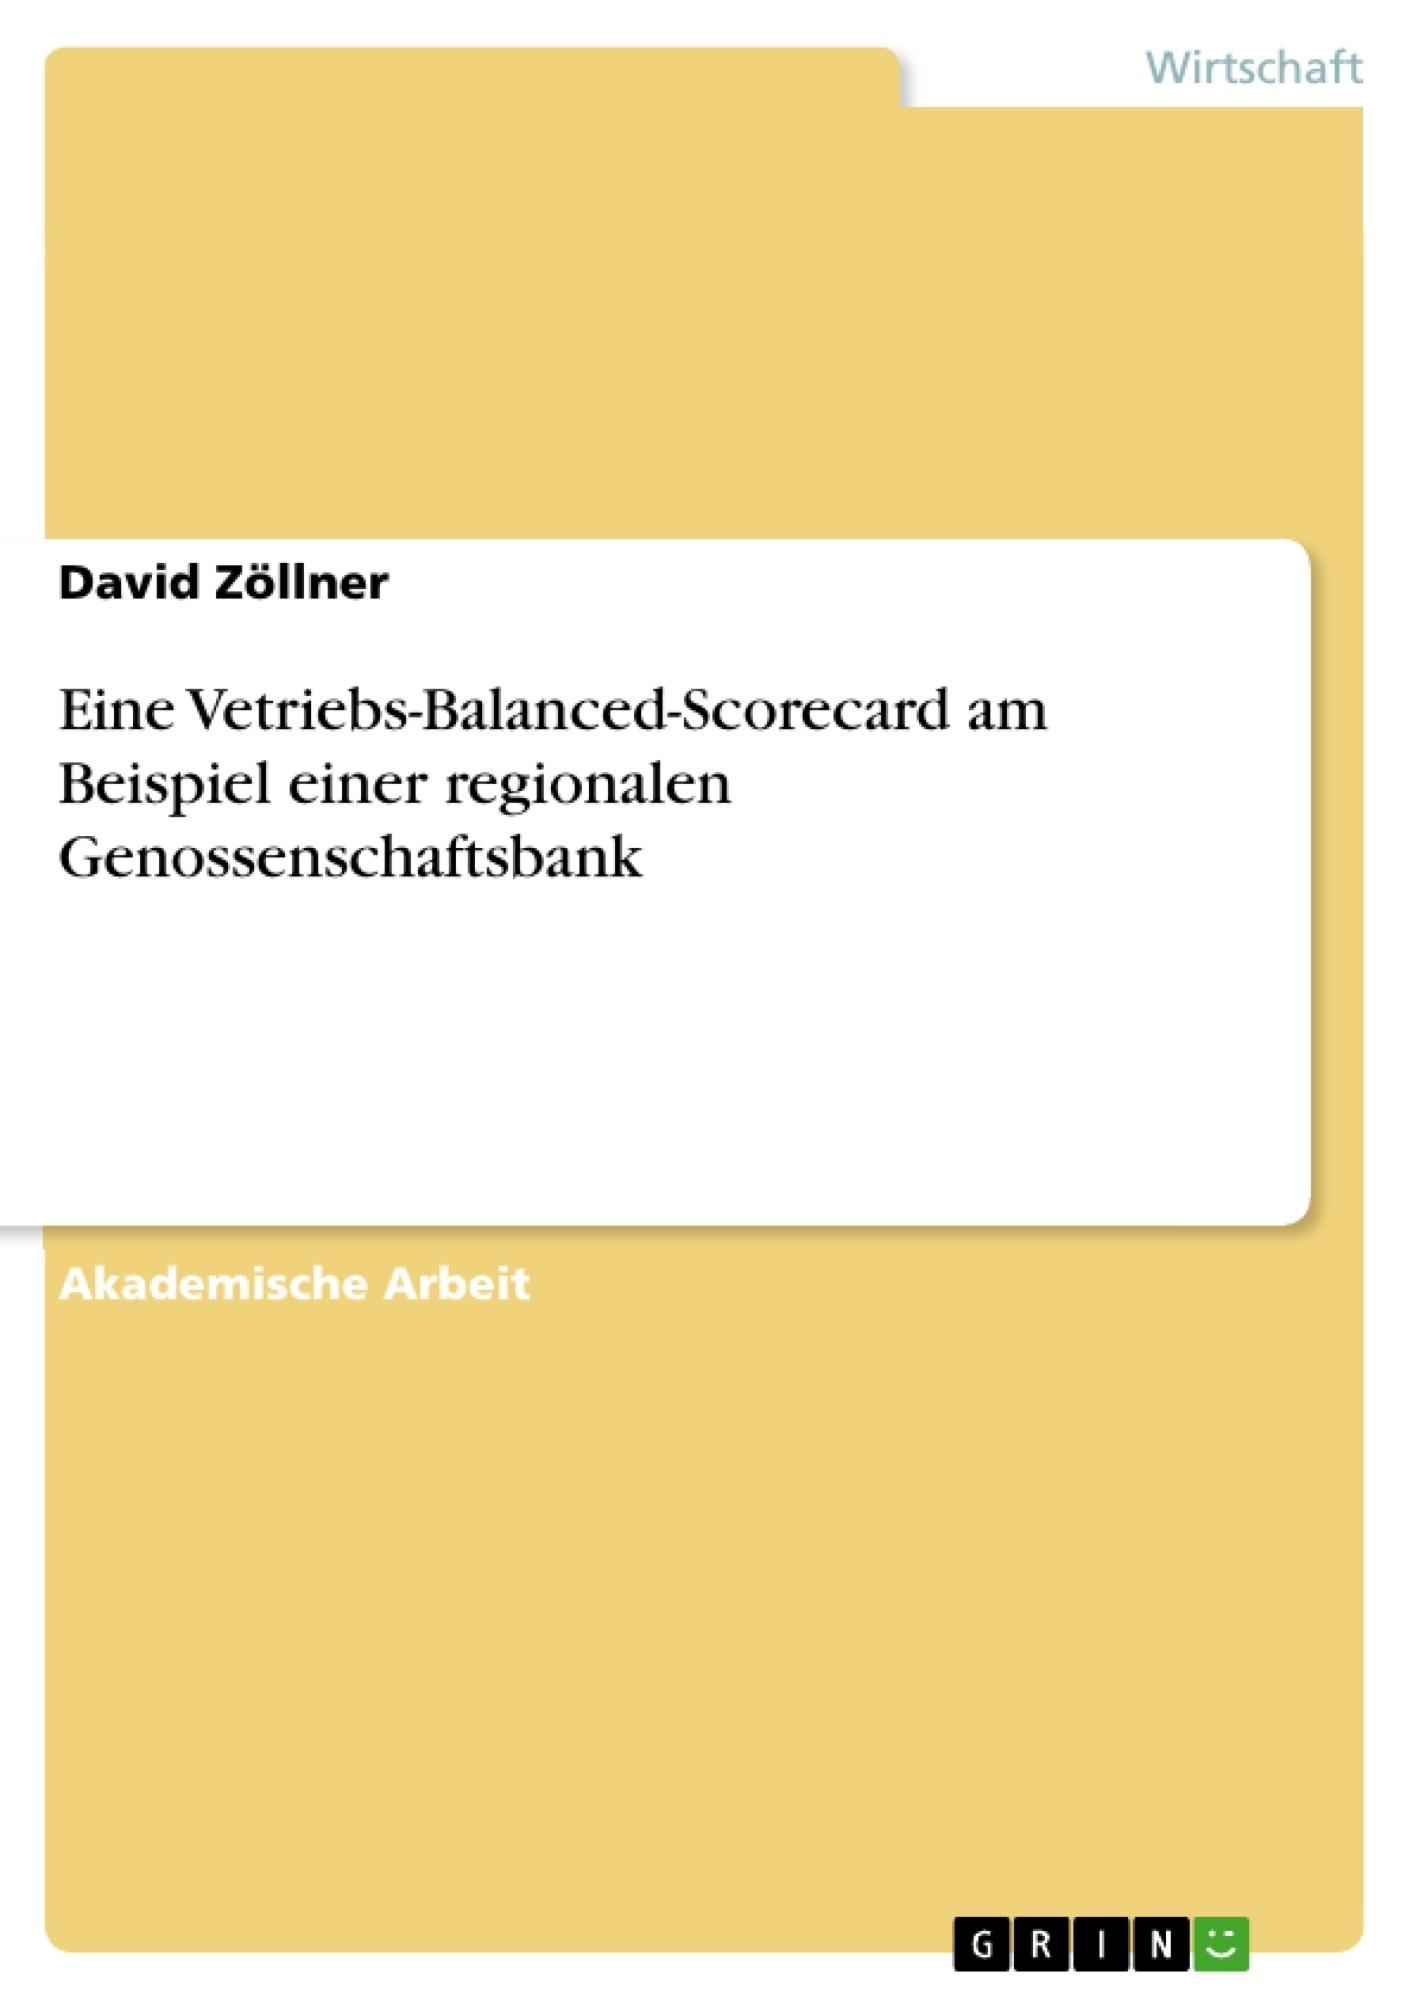 Titel: Eine Vetriebs-Balanced-Scorecard am Beispiel einer regionalen Genossenschaftsbank